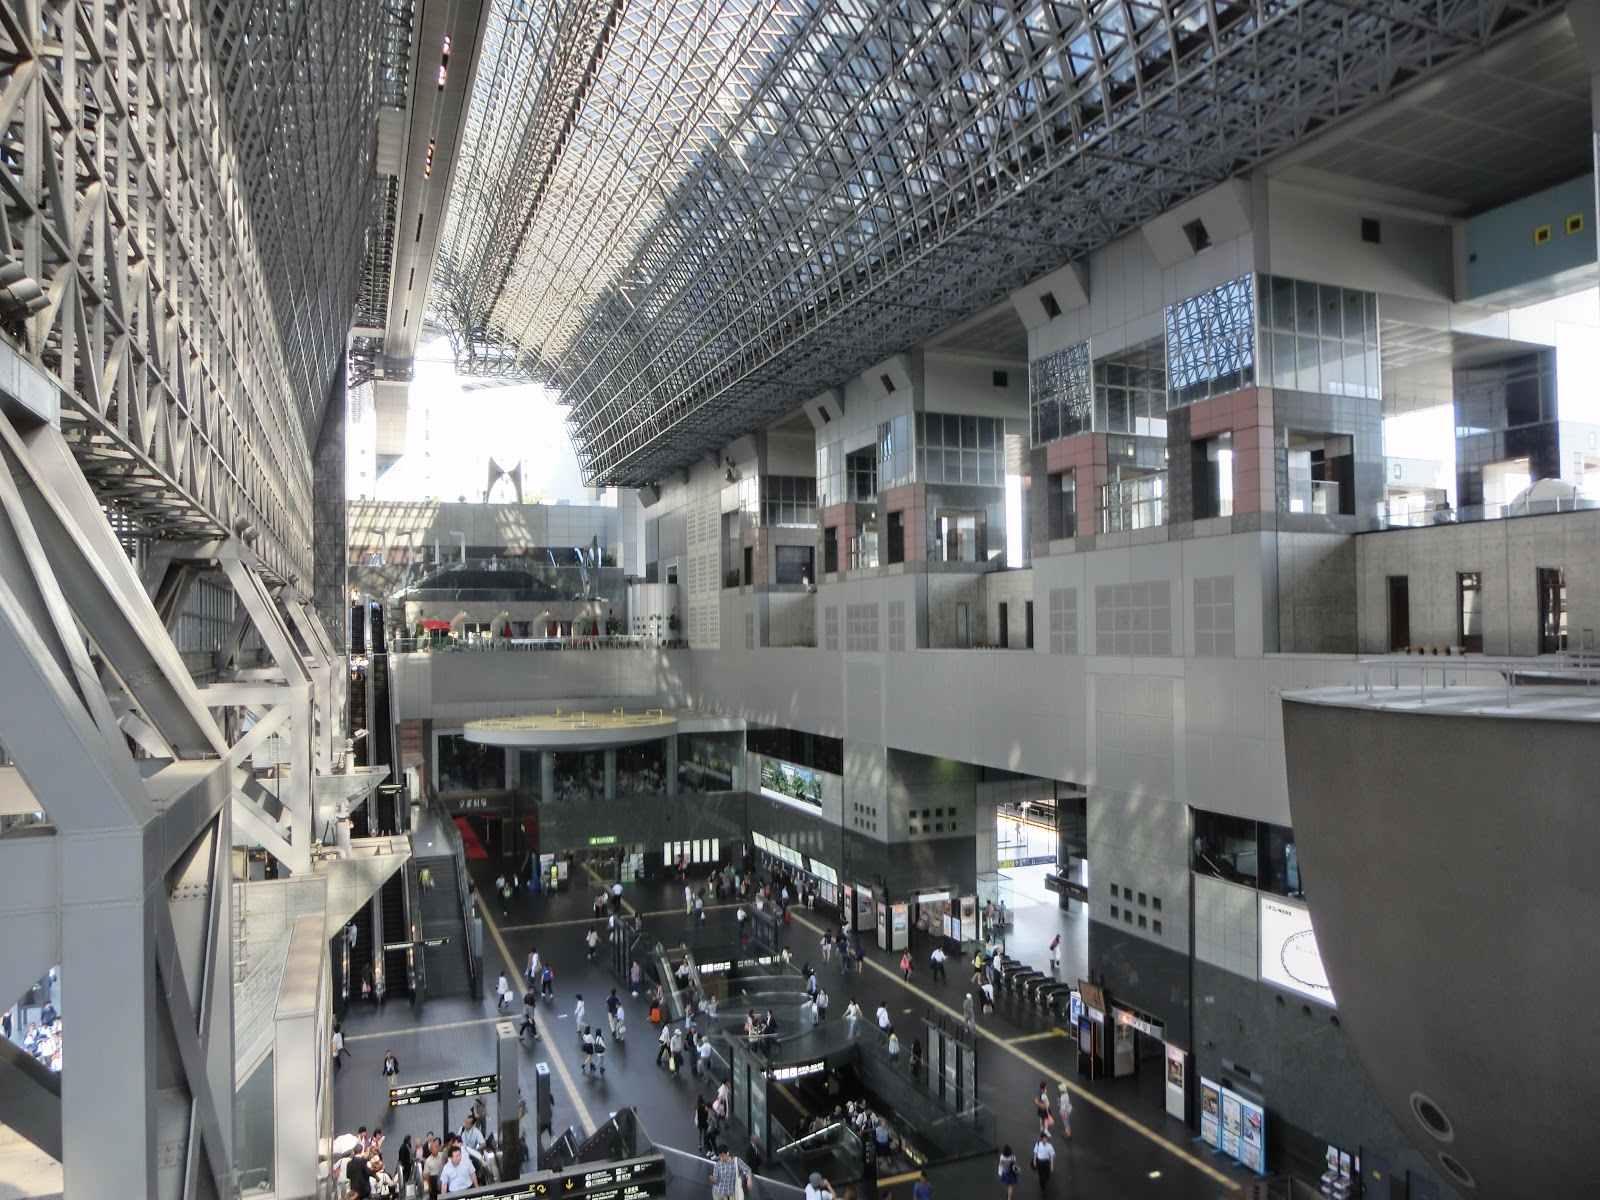 第二站:京都車站 目前的京都車站是第四代,在1997年落成,因為造型前衛在過去引起不小的討論,也替千年古都--京都,帶來一番新氣息。京都車站是大型的複合式車站,其中不僅有餐廳、百貨,還有星級飯店,小編的建議停留時間之所以放這麼久,就是因為這裡是個十分適合購物的地方,而且京都車站一點也不小,光是逛這些琳琅滿目的商品就夠花時間了!  ▶︎地址:京都市下京區冬塩小路町 901 ▶︎建議停留時間:3小時